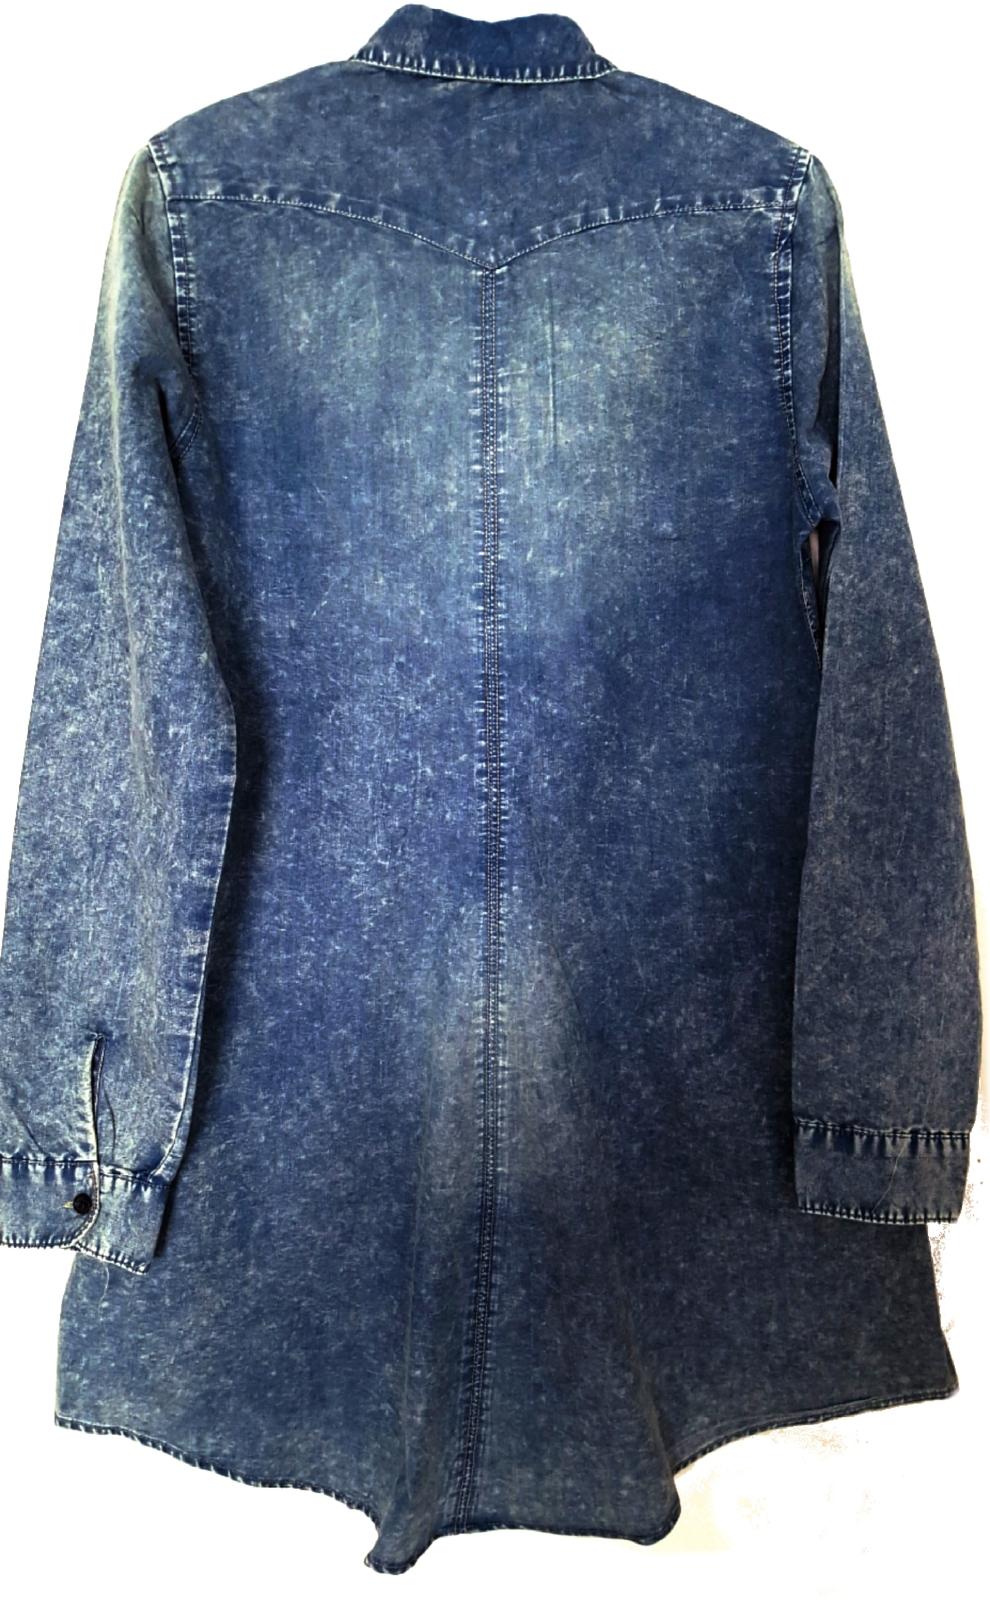 LeShop Women's Long Sleeve Button Down Acid Wash Denim Fit & Flare Dress Blouse